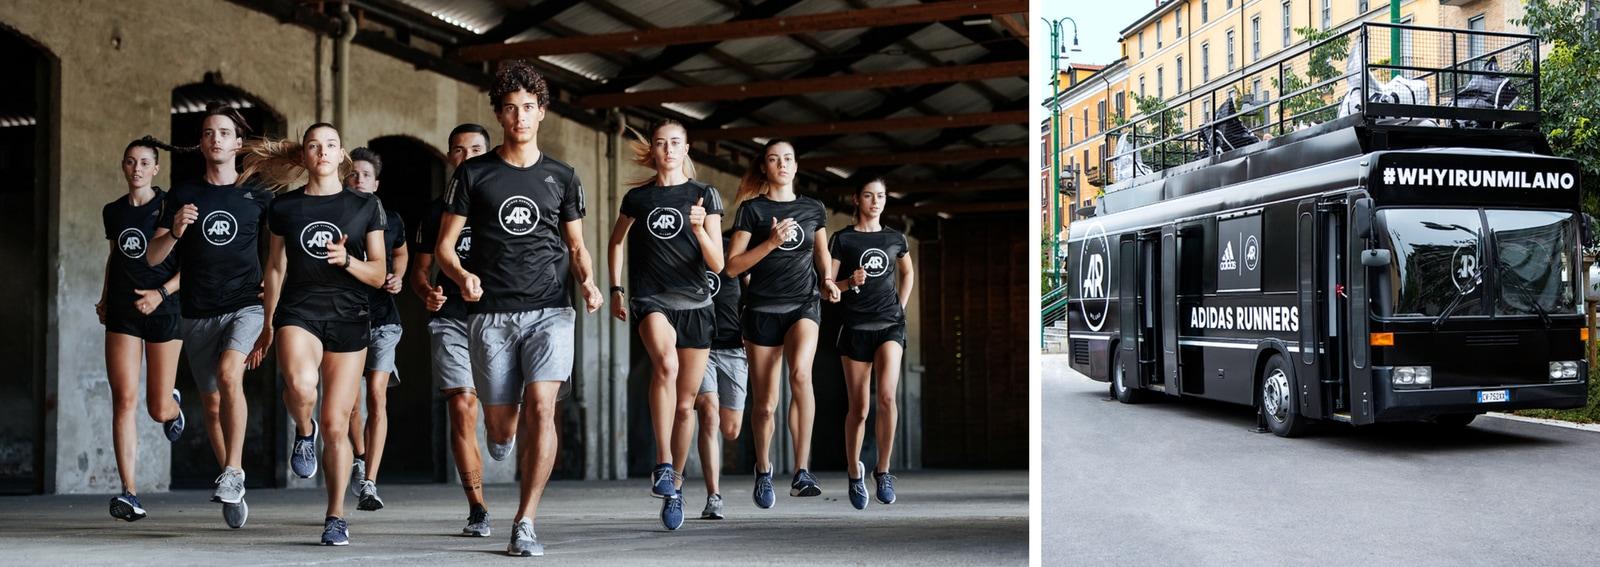 adidas runner milano community adidas running sport scarpe running DESK